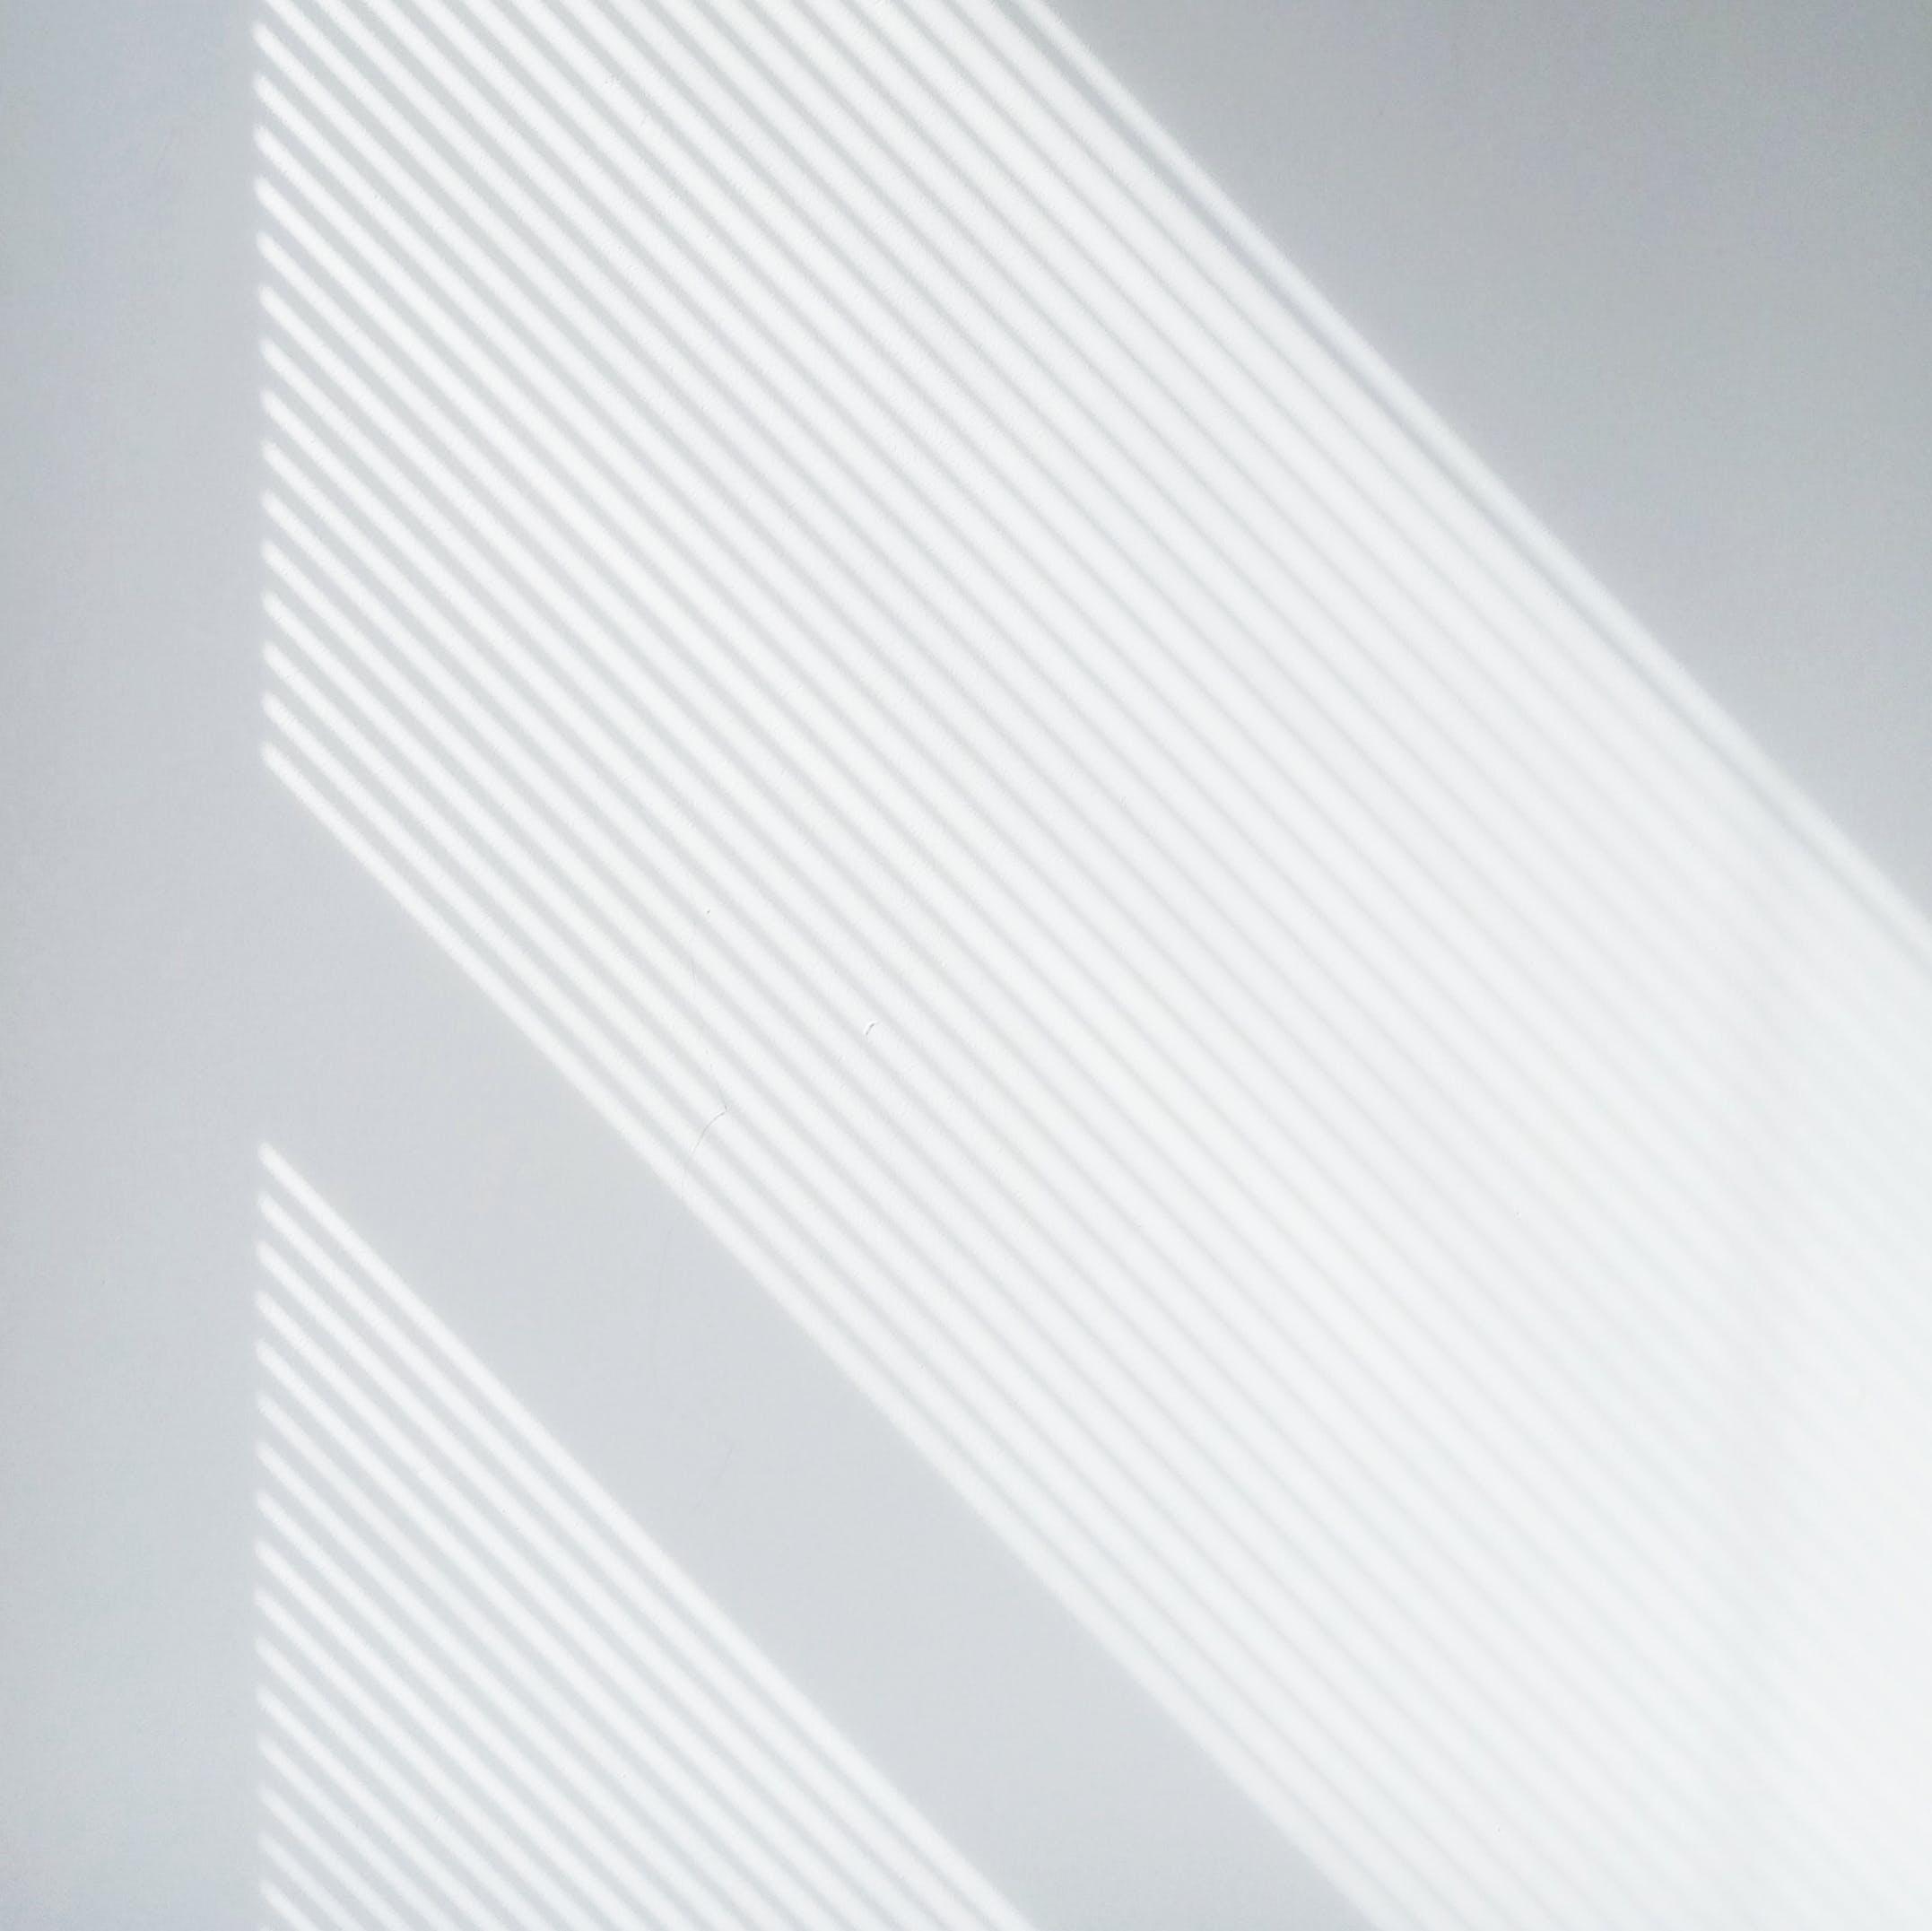 açık, arka fon, beyaz, boş içeren Ücretsiz stok fotoğraf